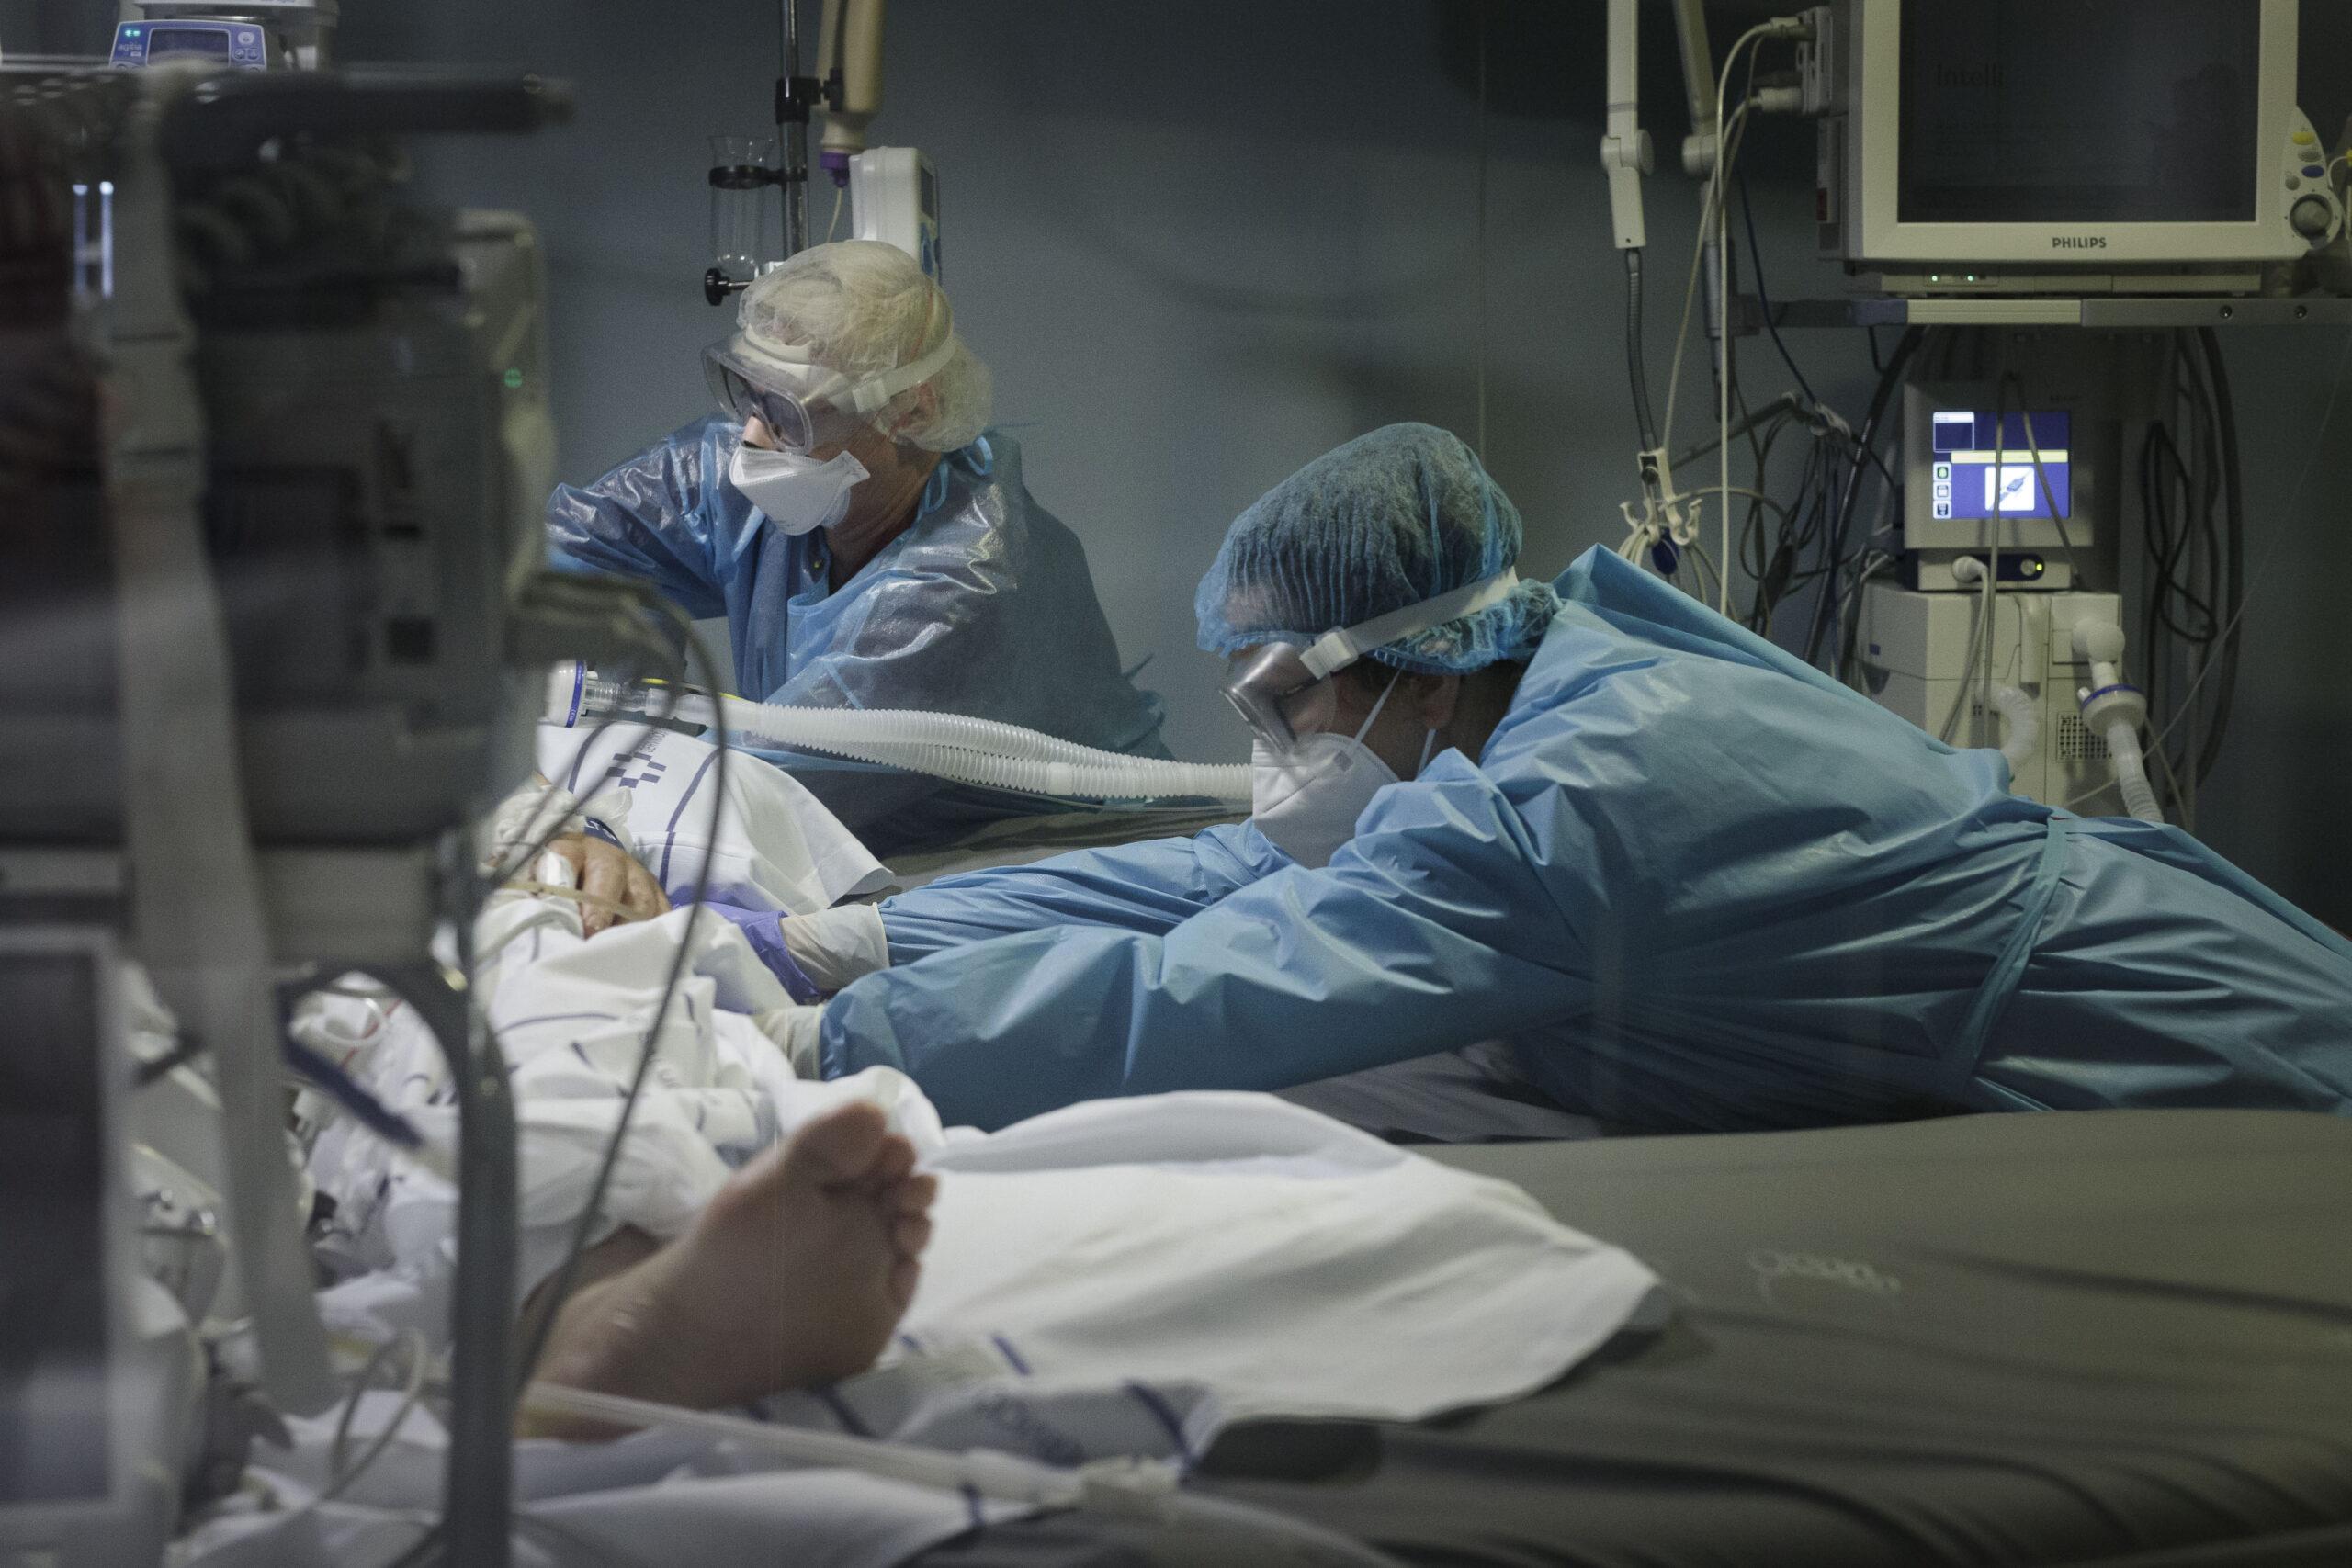 Mención de Honor. Categoría: Sociedad (Serie). Personal sanitario traslada de camilla a un enfermo de Covid-19 en la UCI del Hospital Universitario Nuestra Señora de Candelaria. Ramón de la Rocha